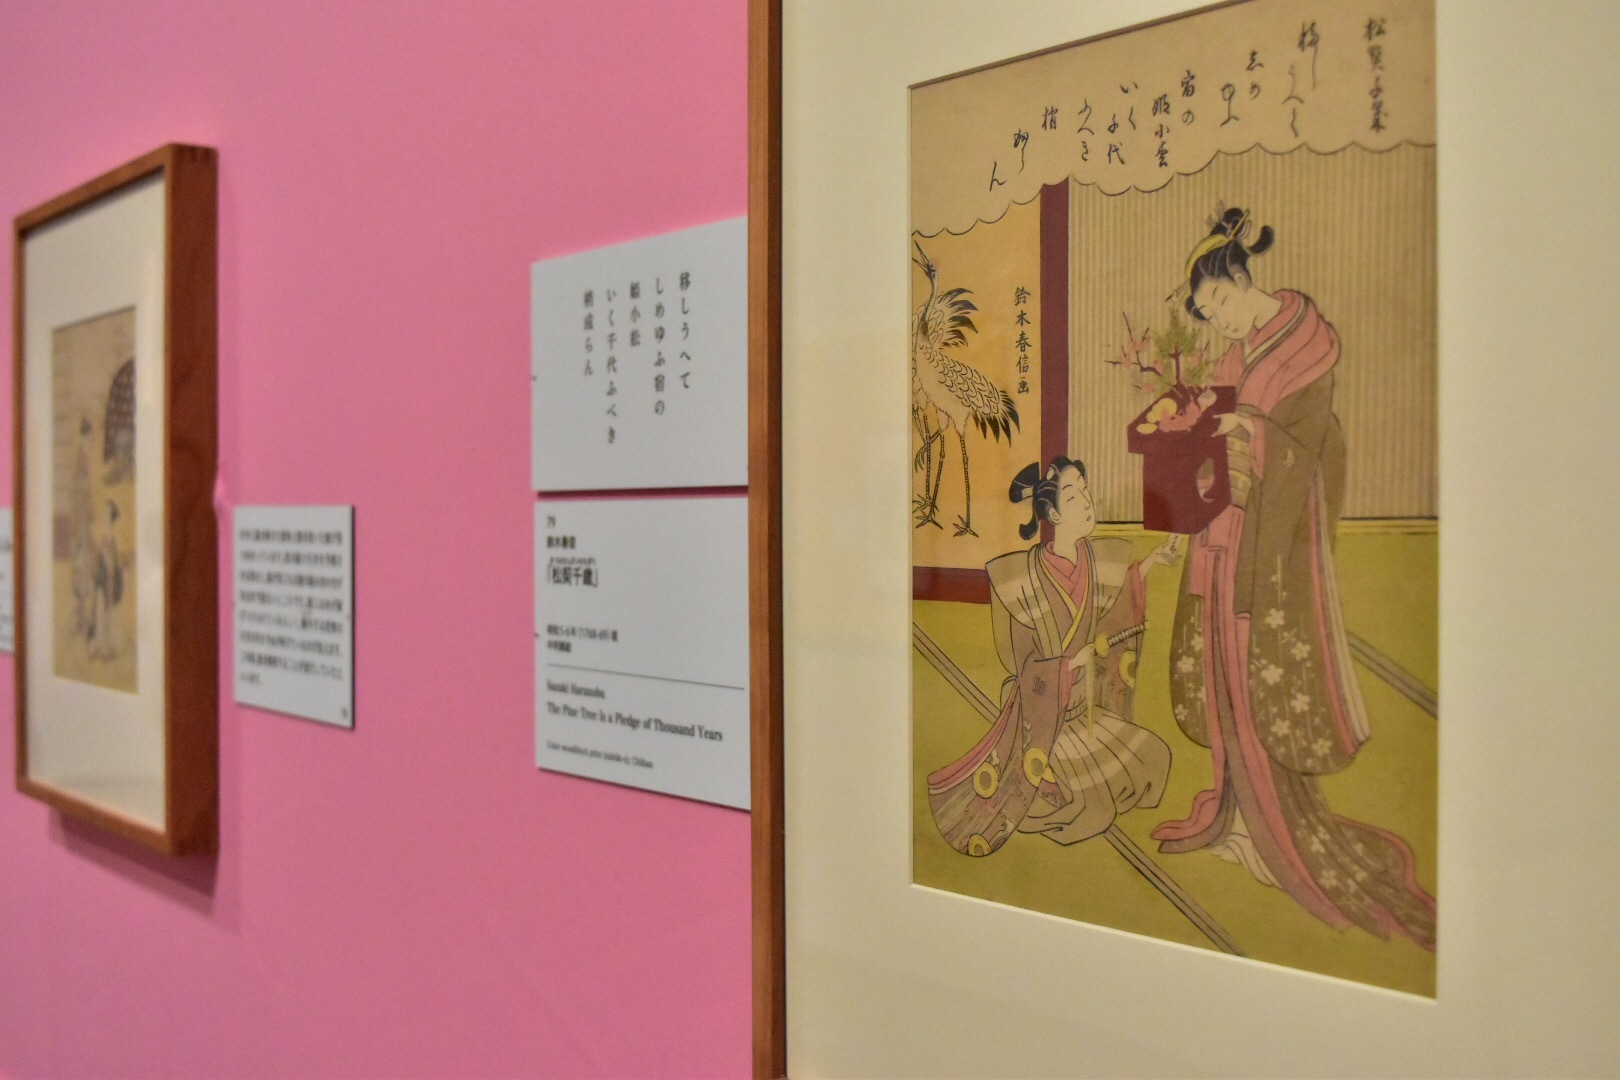 鈴木春信 《「松契千歳」》 明和5-6年(1768-69)頃 中判錦絵